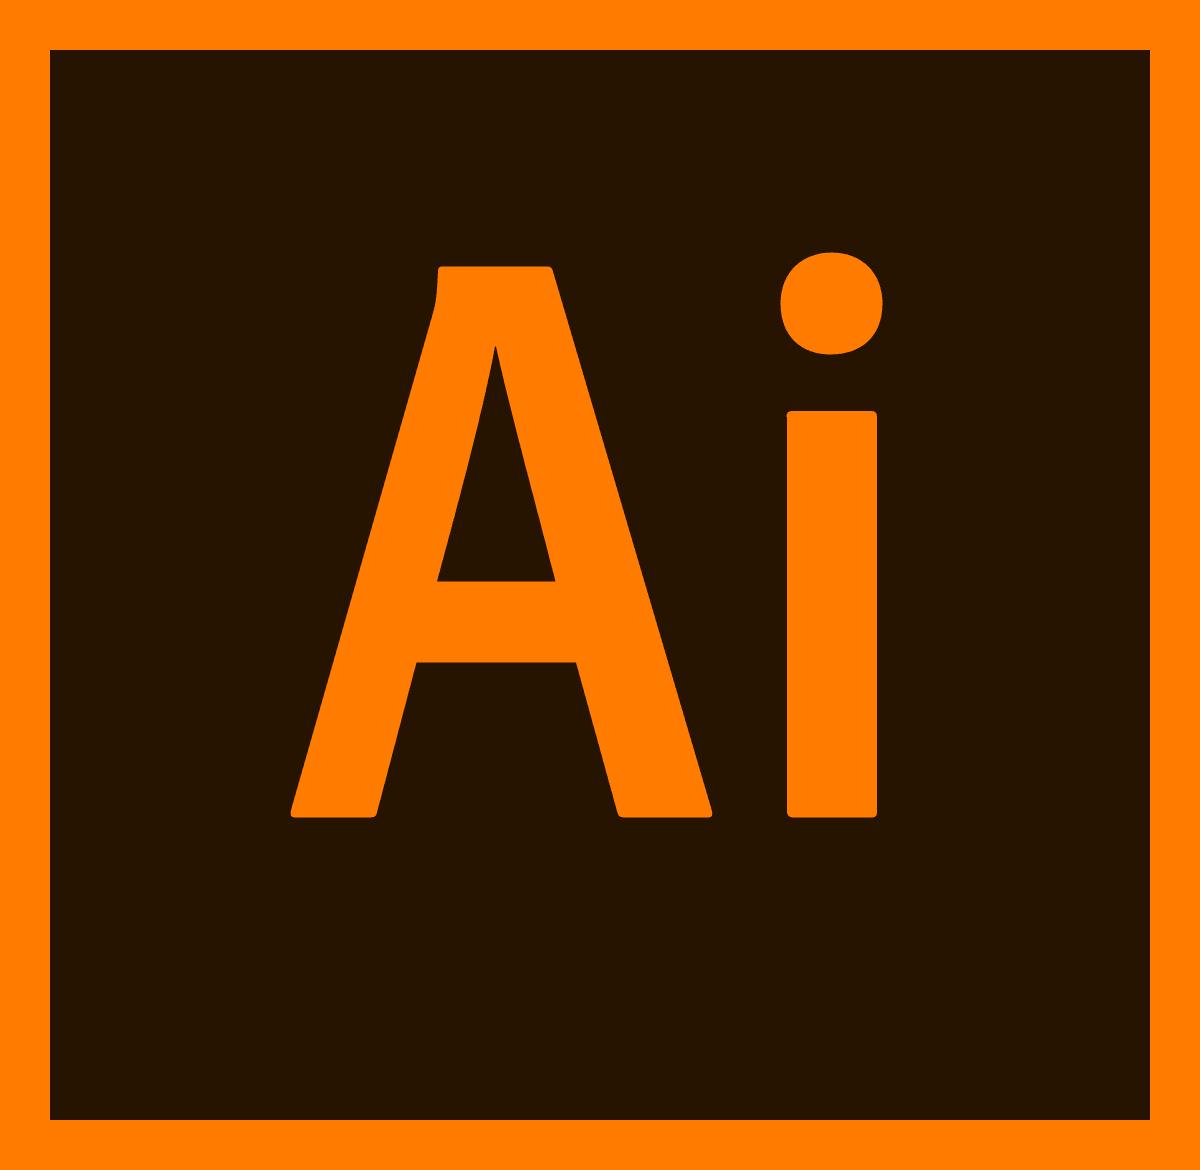 Adobe Illustrator CS6 Full Crack - Sarjana Software